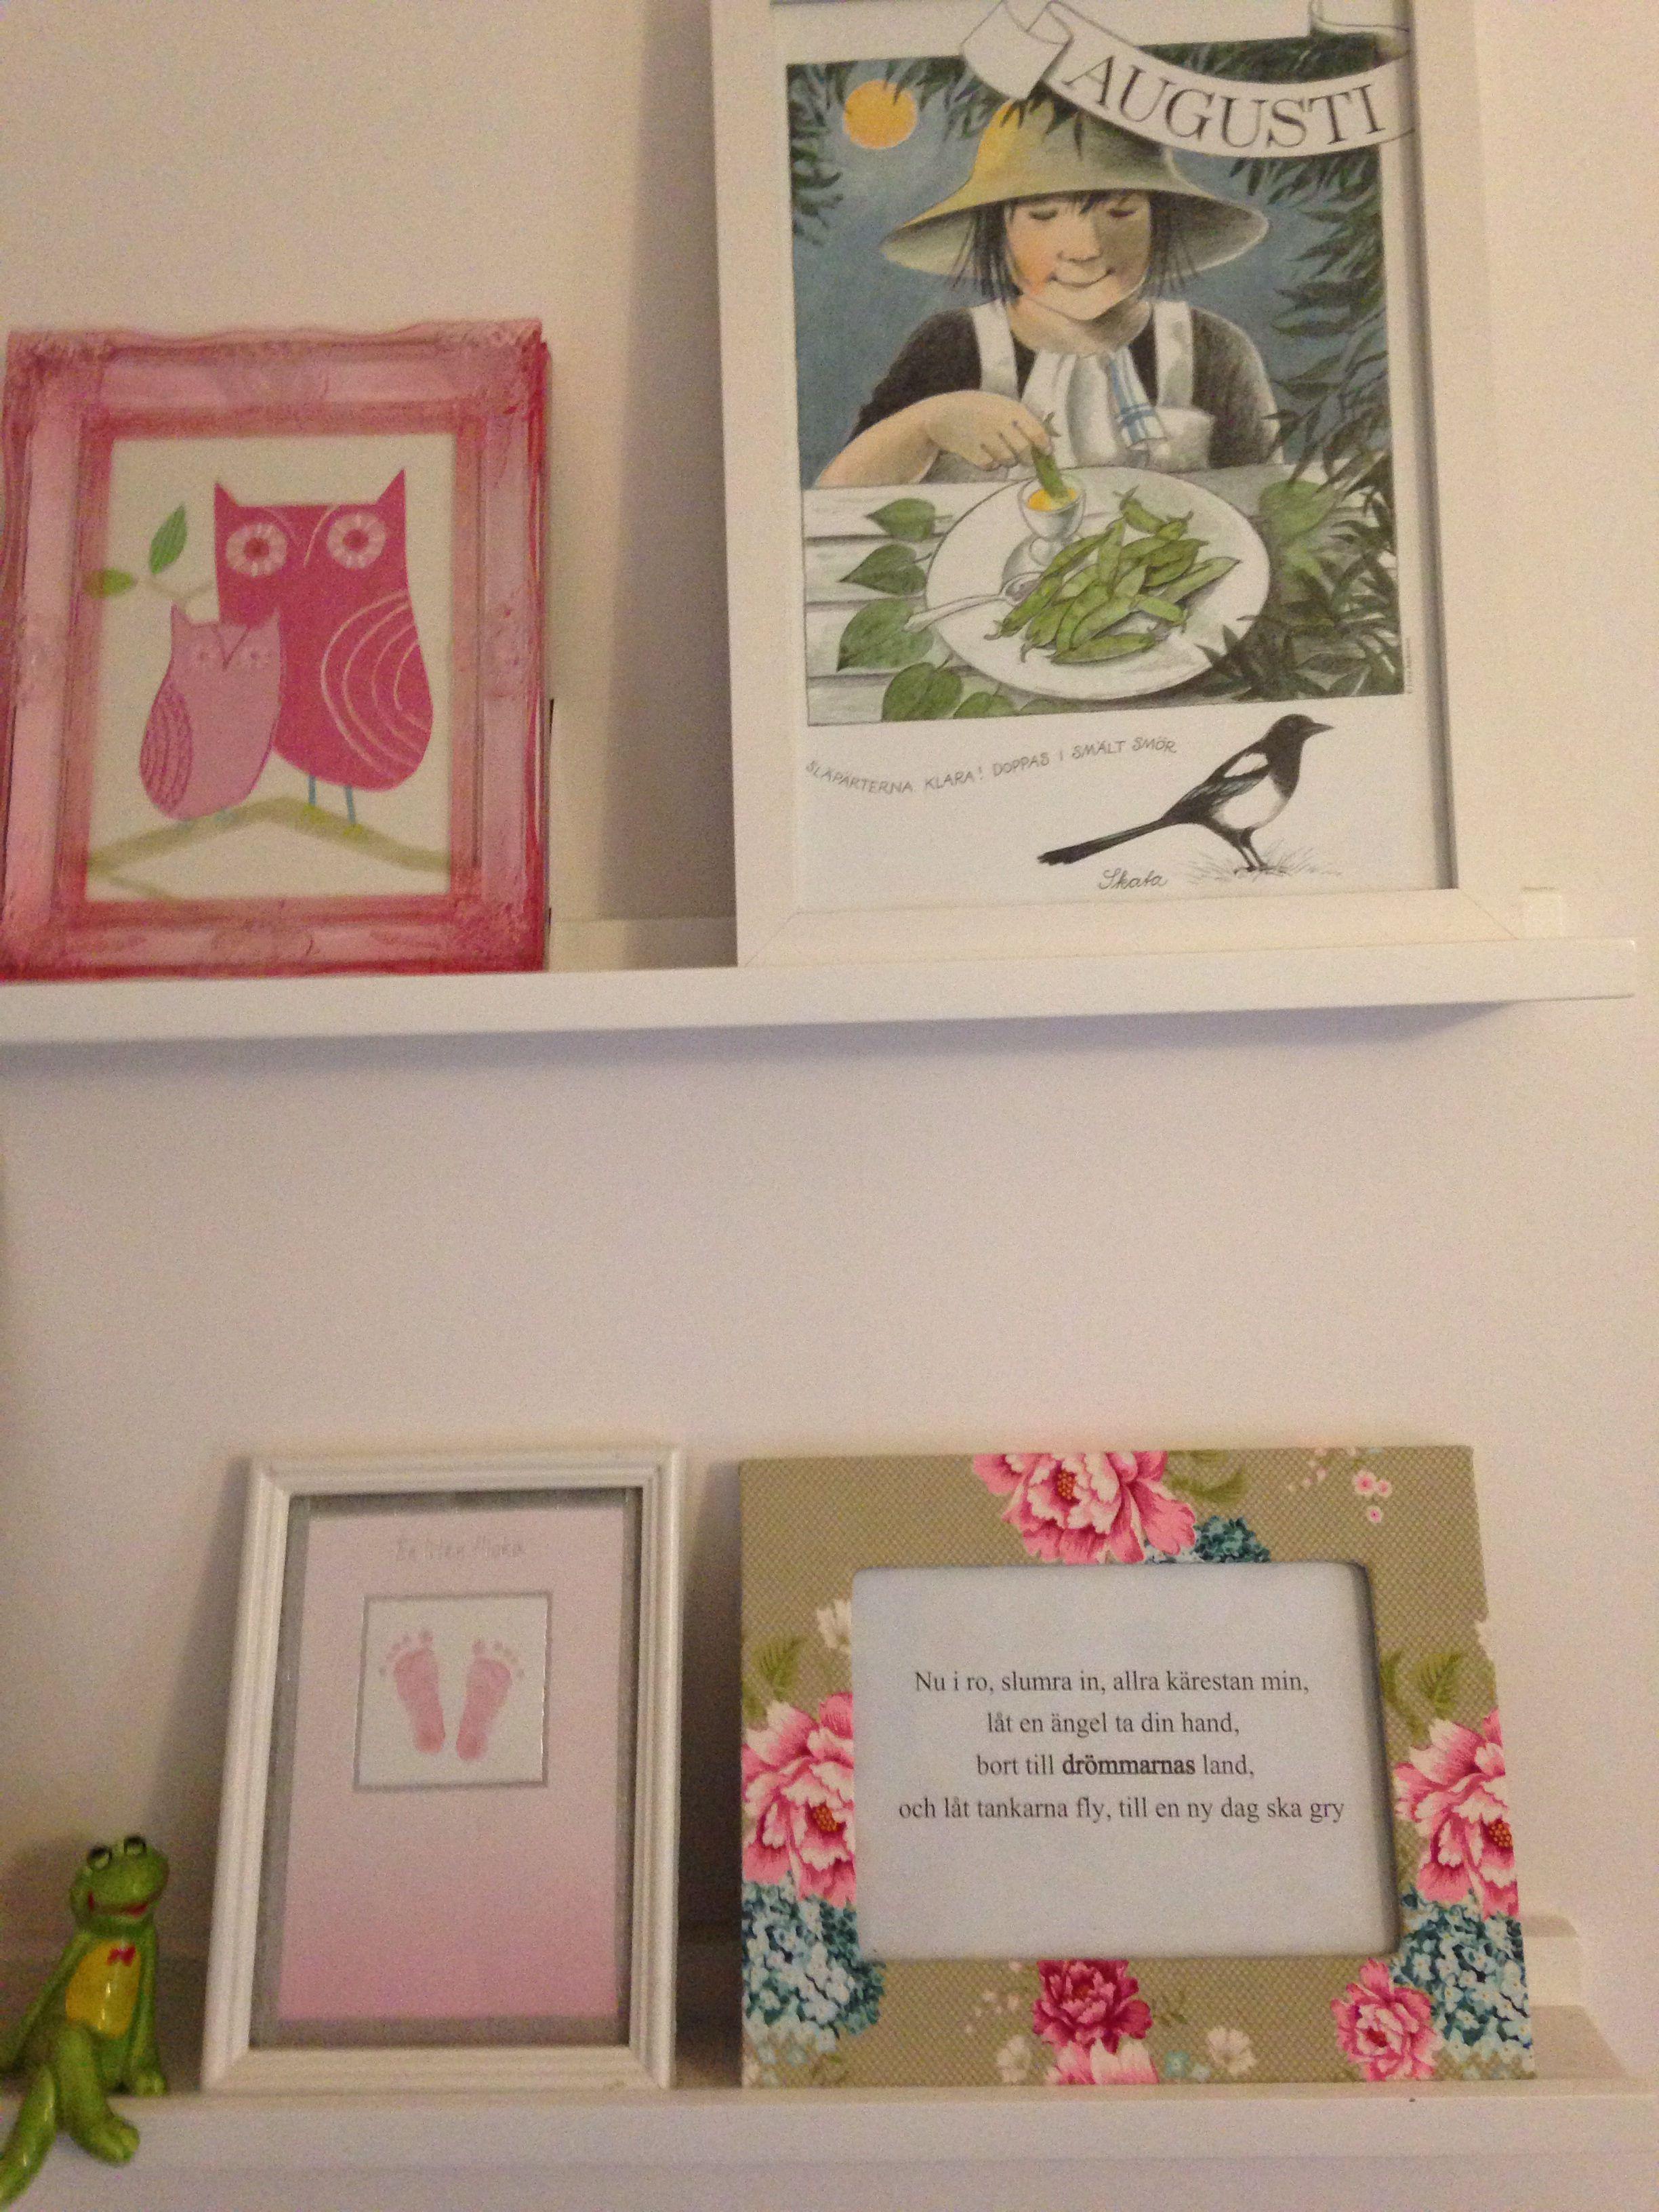 dikt födelsedagskort Tavlor på Ellas rum av hennes tapet, mina gamla bokmärken, fina  dikt födelsedagskort